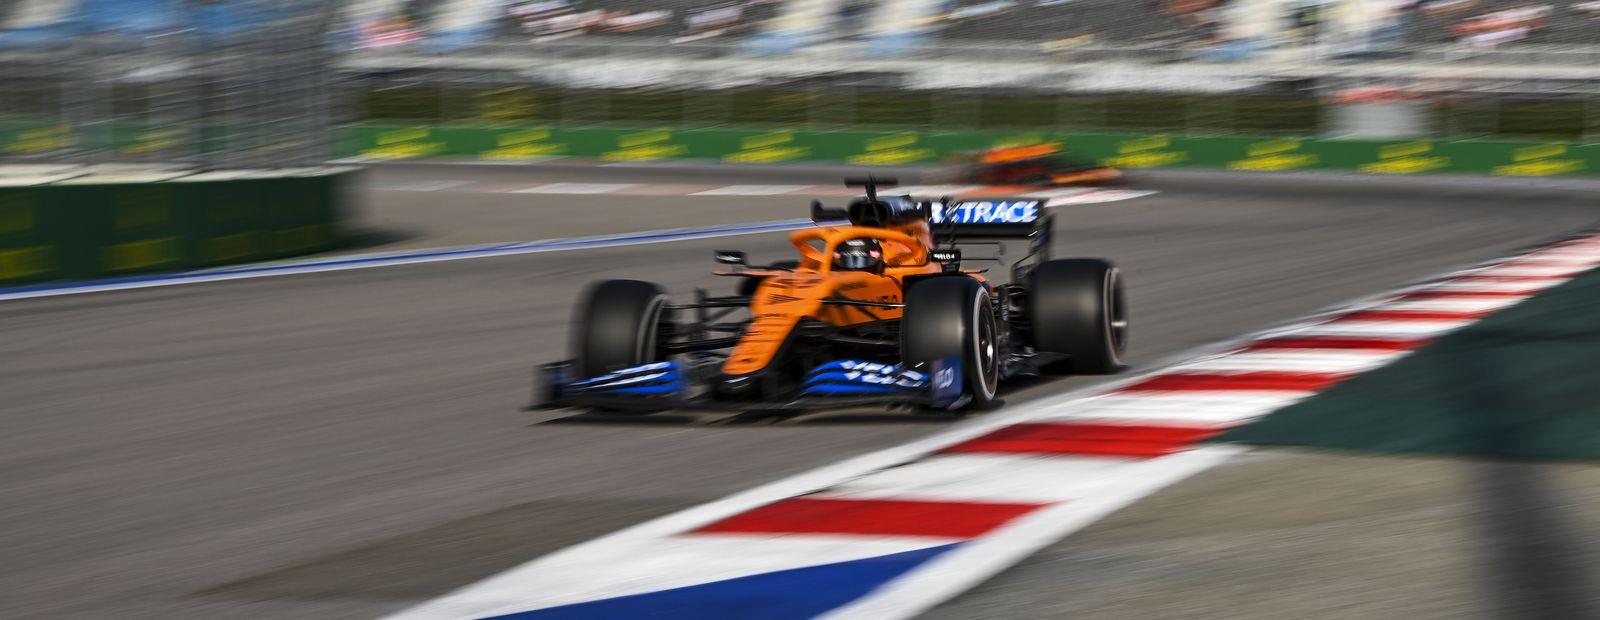 Gran Premio de Rusia 2020 - Entrenamientos libres